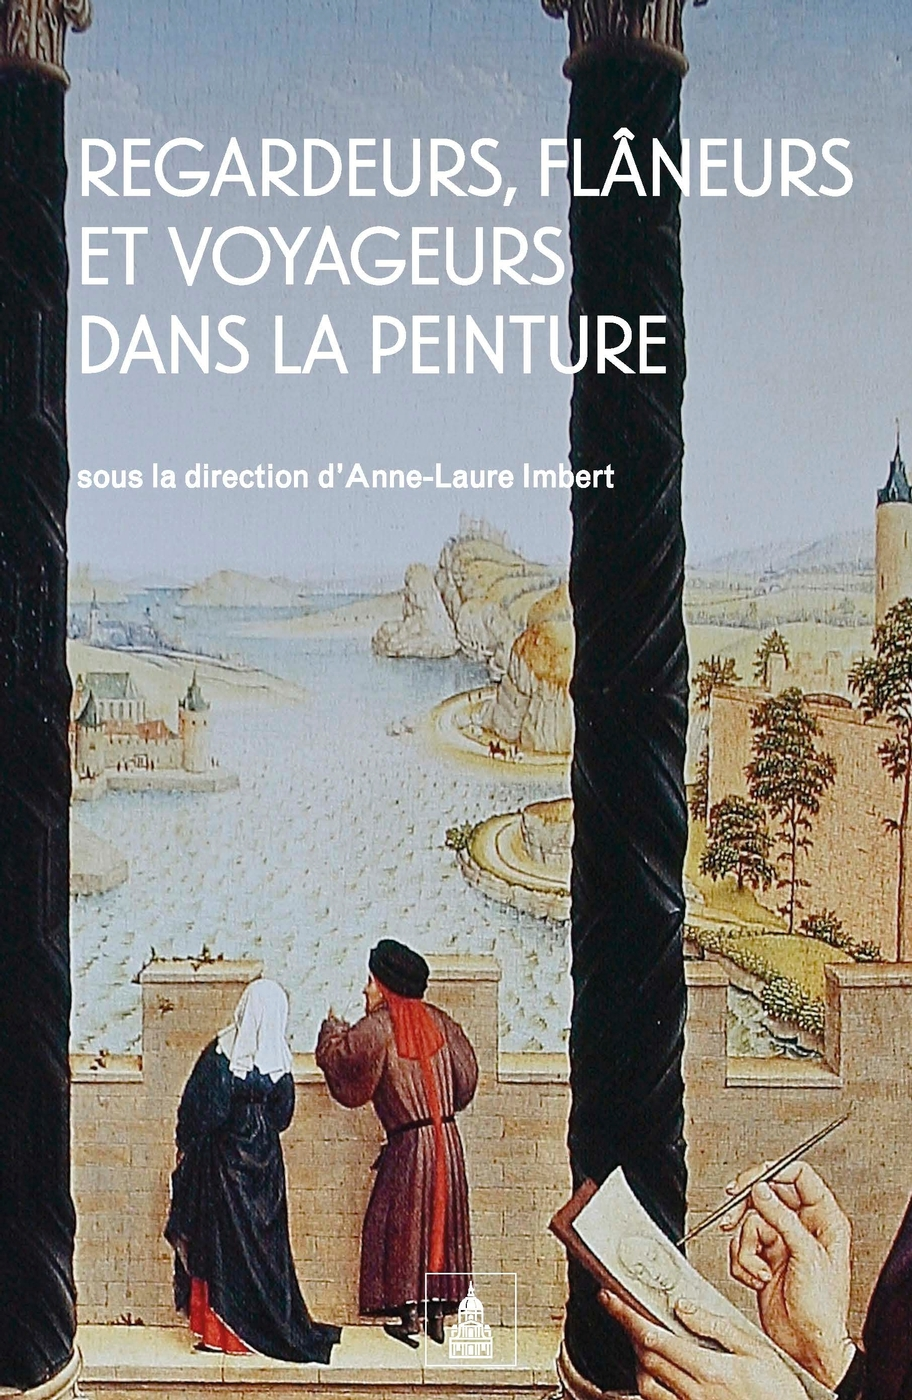 A.-L. Imbert (dir.), Regardeurs, flâneurs et voyageurs dans la peinture